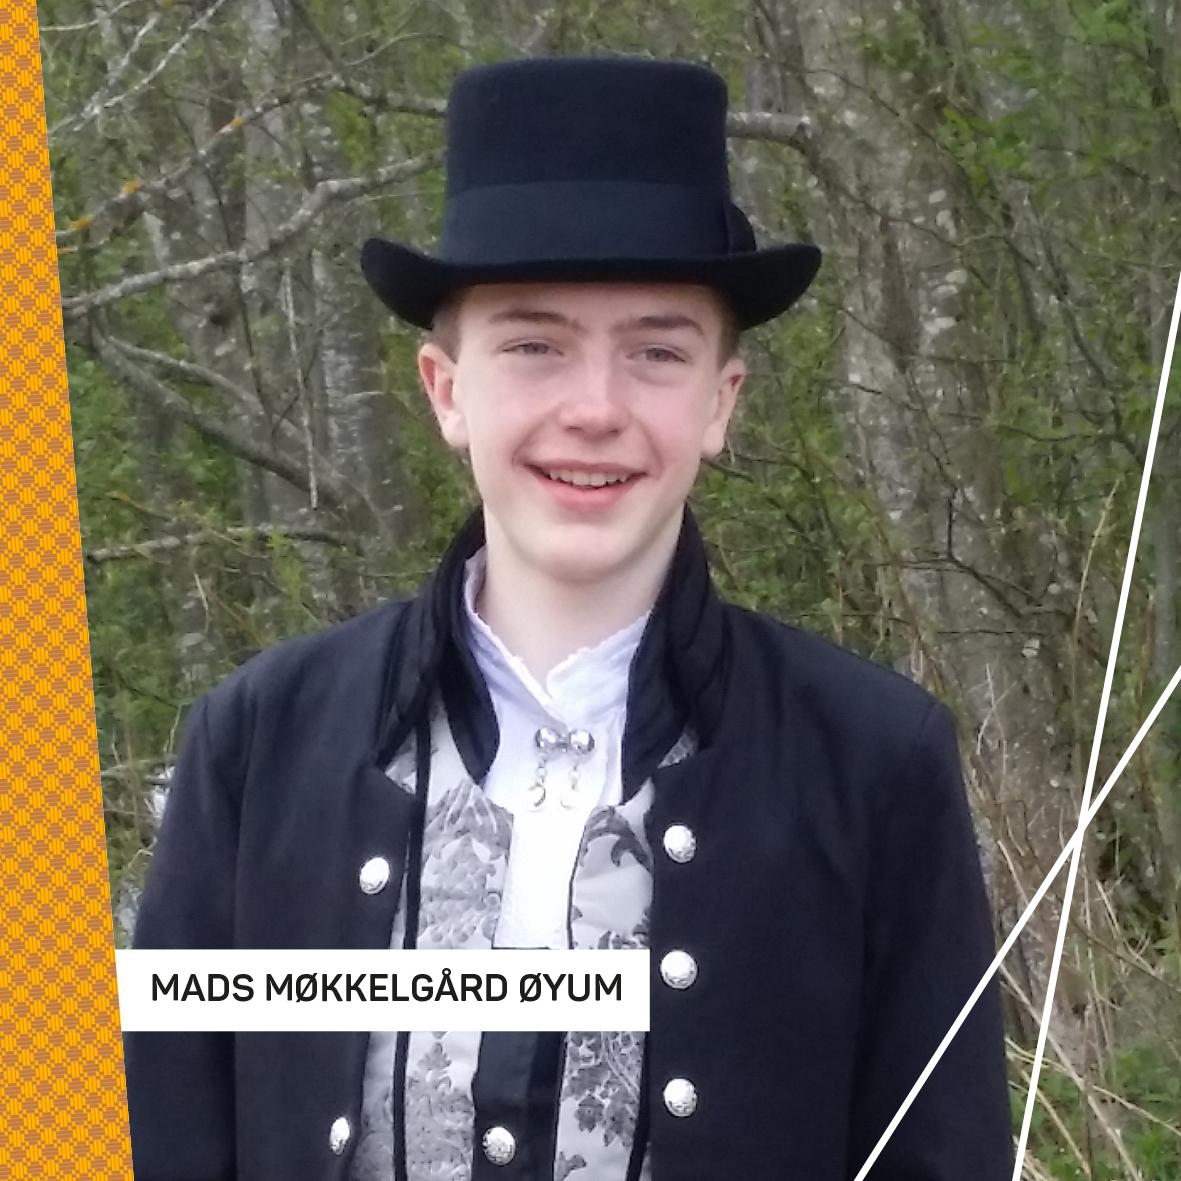 Mads Møkkelgård Øyum